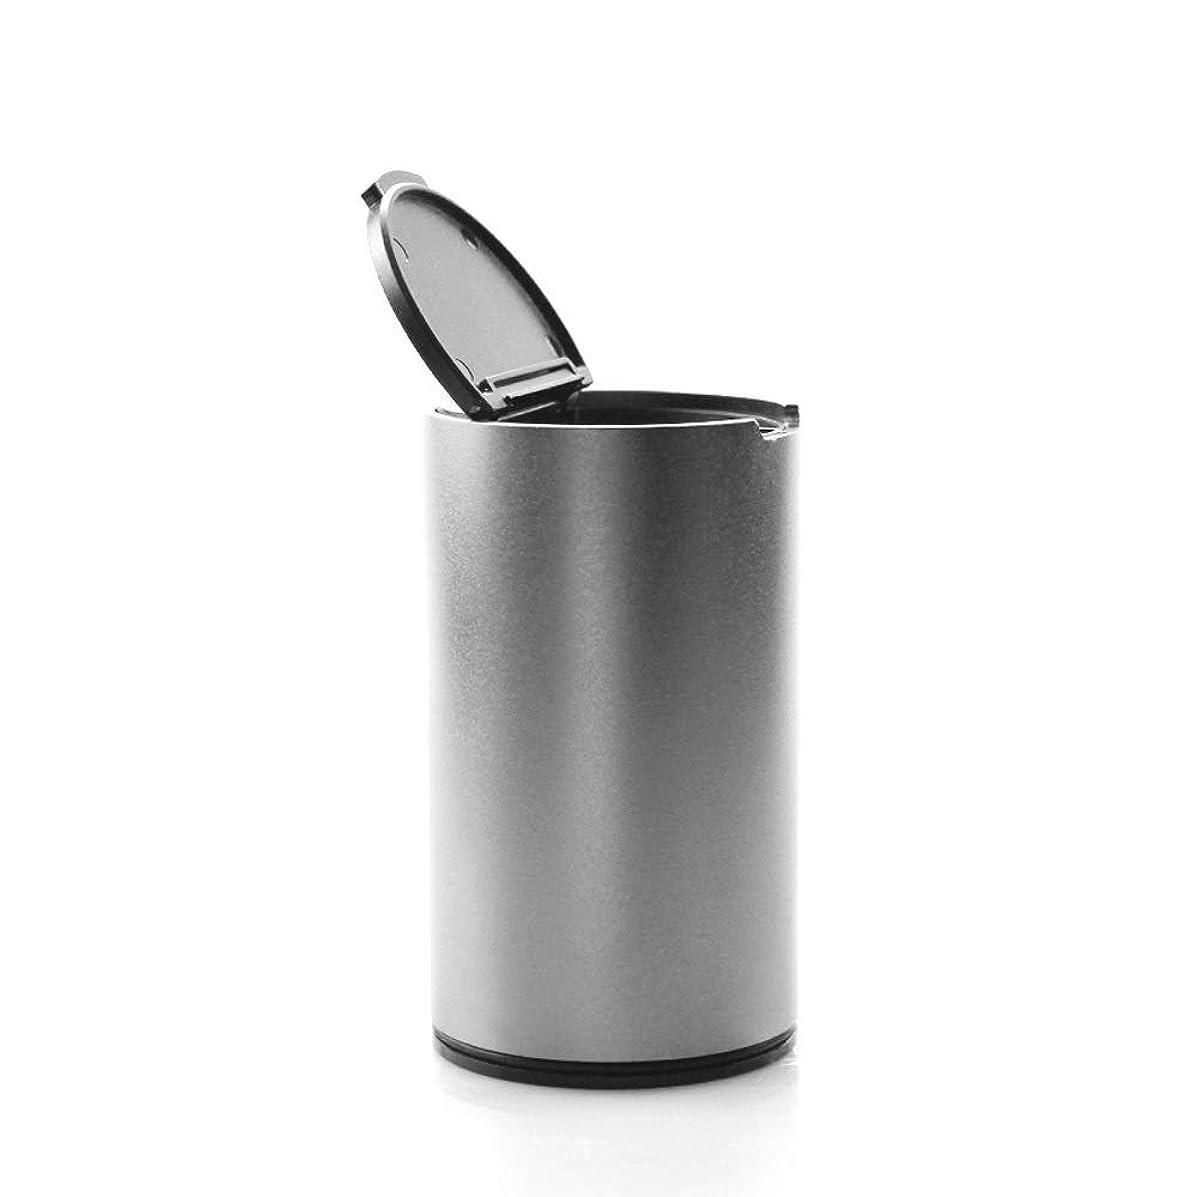 くそーエレメンタル勝者車の喫煙灰皿の裏表紙の中にある蓋が密閉された車の灰皿付きのミニ車の灰皿 (色 : 銀)